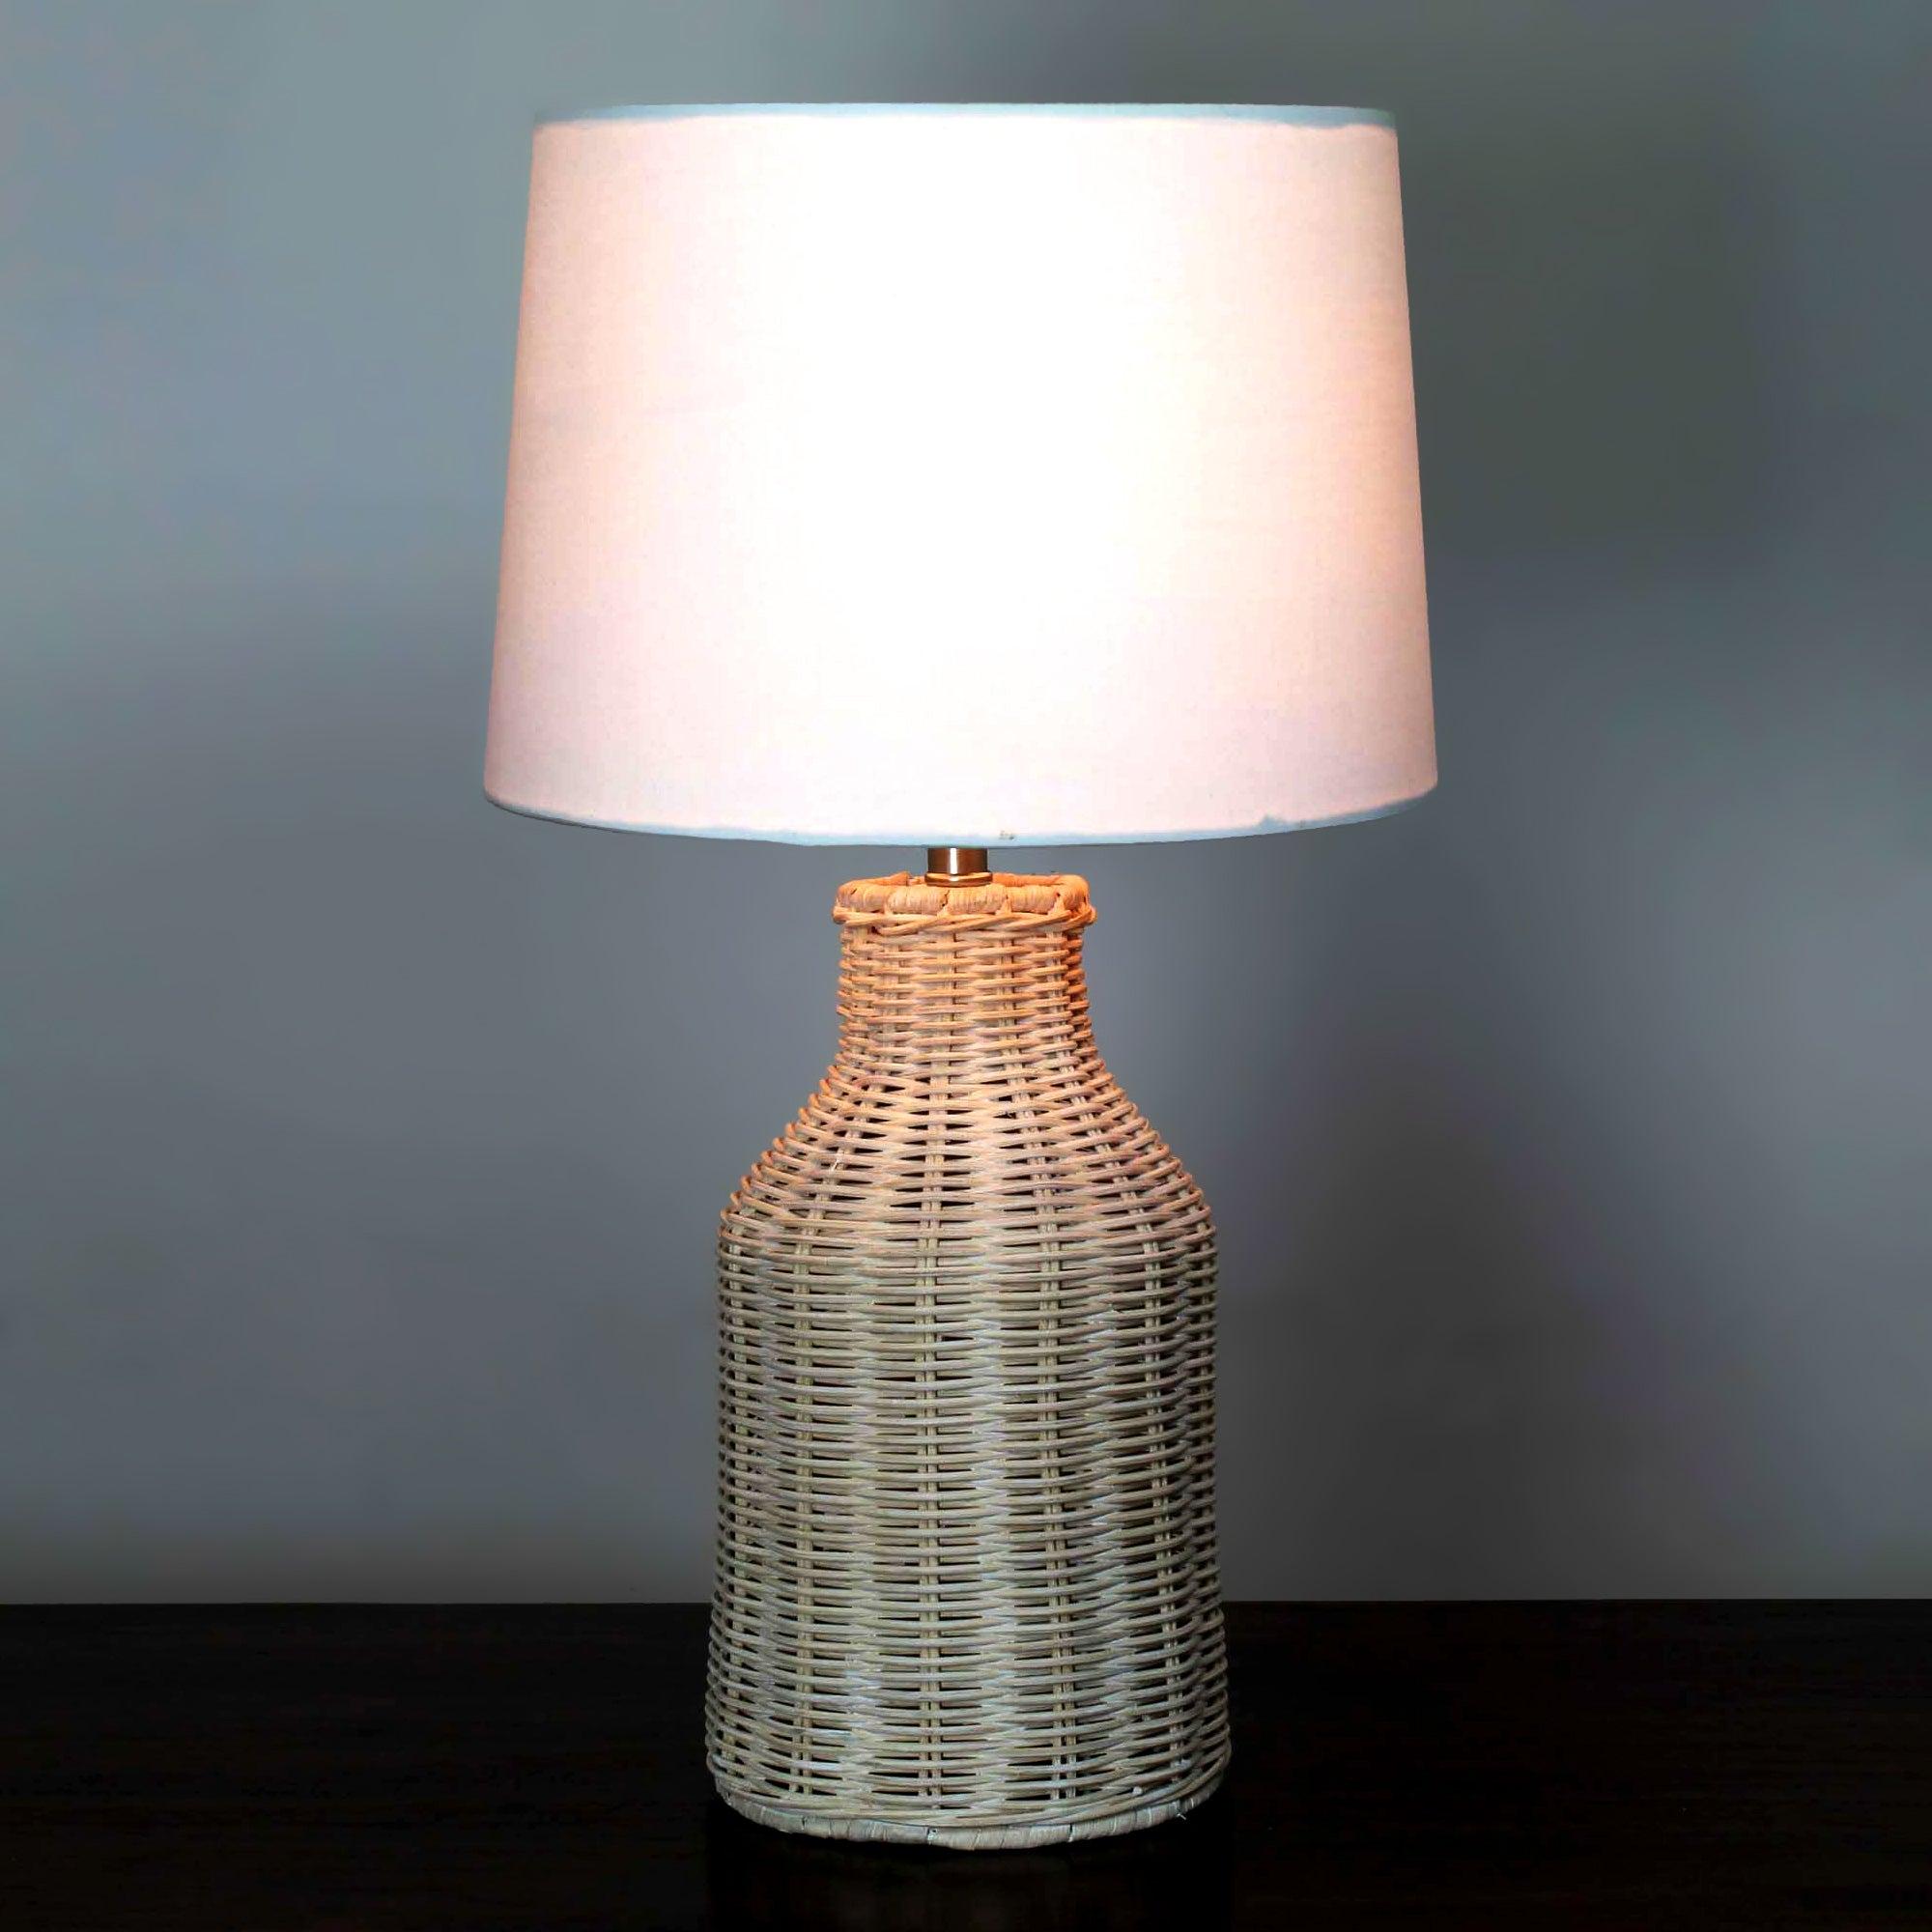 harriet bottle white wash table lamp dunelm. Black Bedroom Furniture Sets. Home Design Ideas